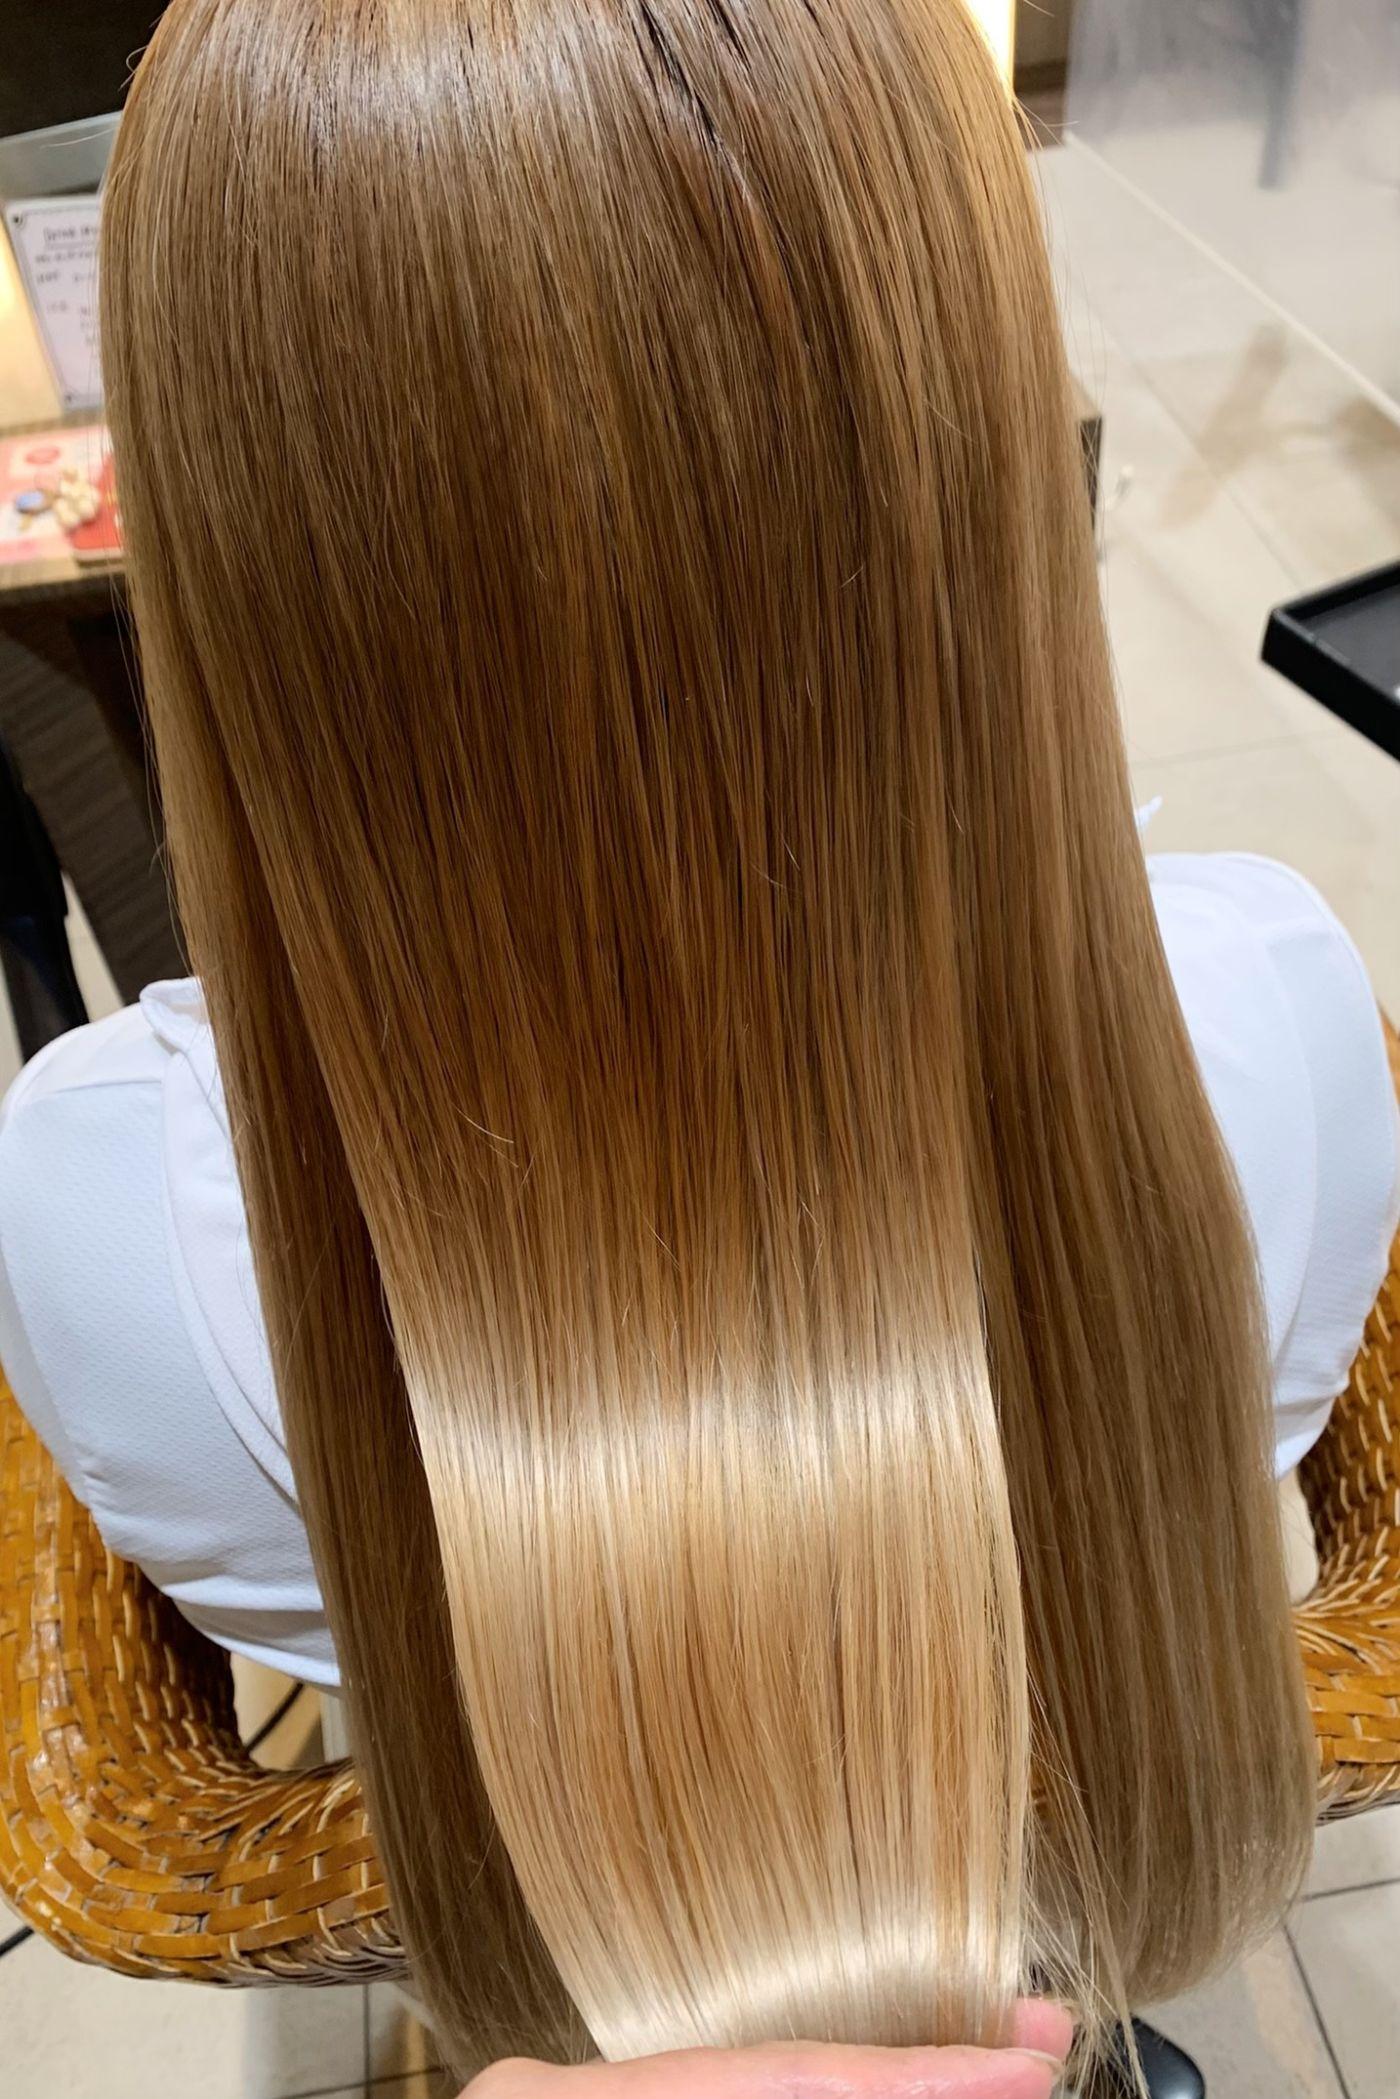 普段のお手入れで髪質は変わる!【髪が扱いにくいのは乾燥とダメージが原因】